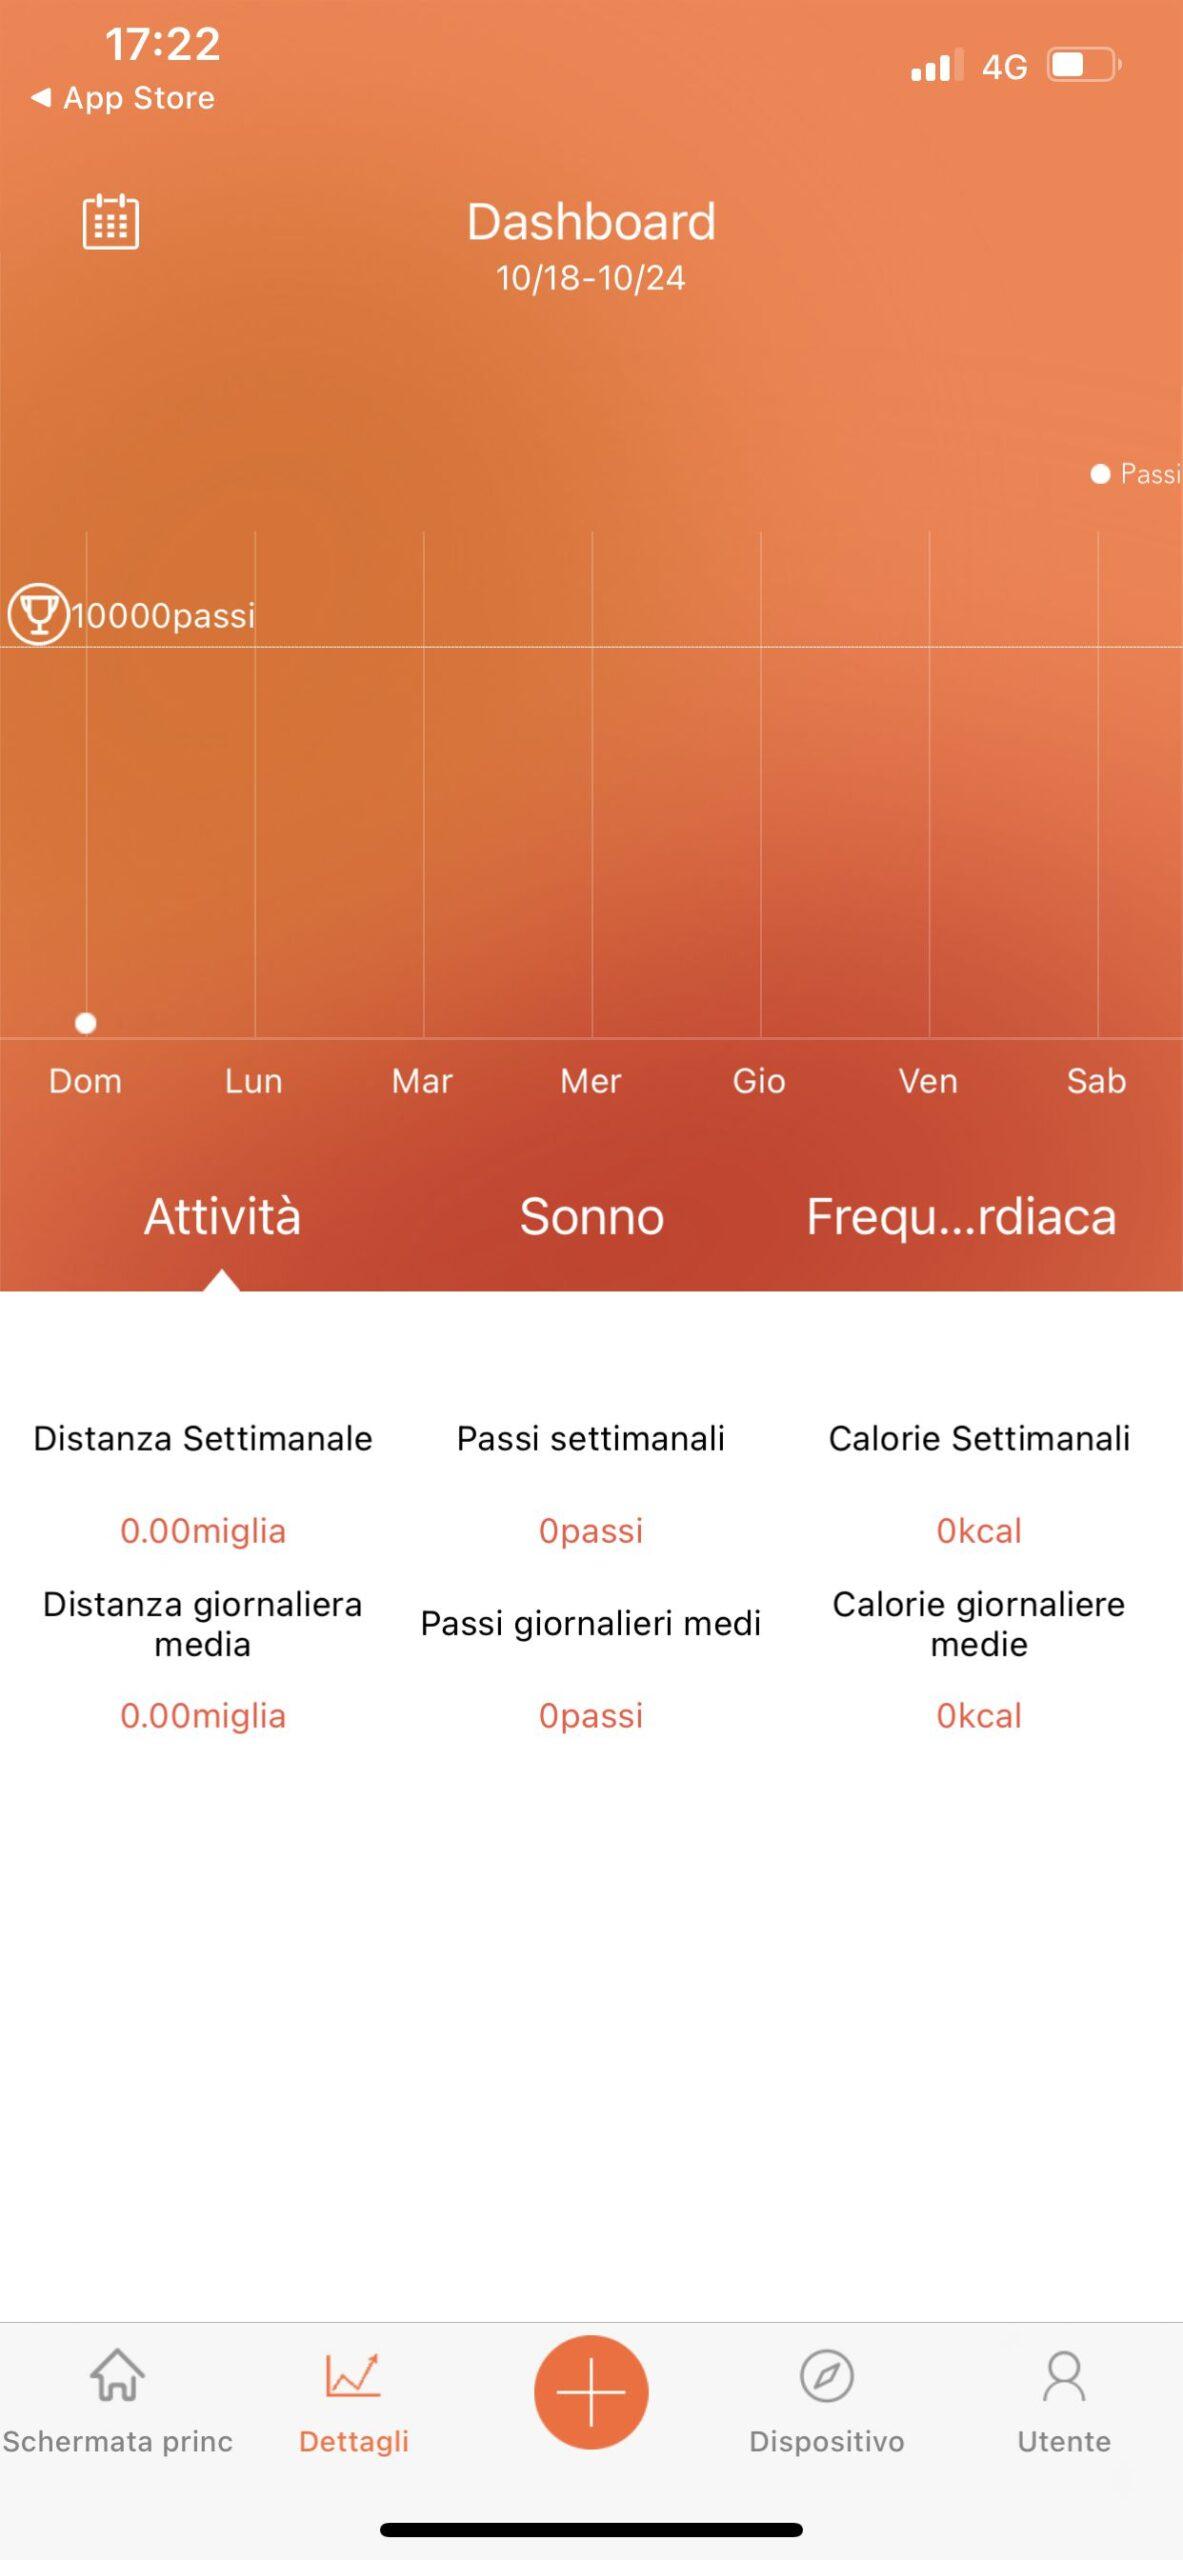 recensione-tickasa-vibrant-app-5-scaled Recensione TicKasa Vibrant, Fitness Smartwatch Economico